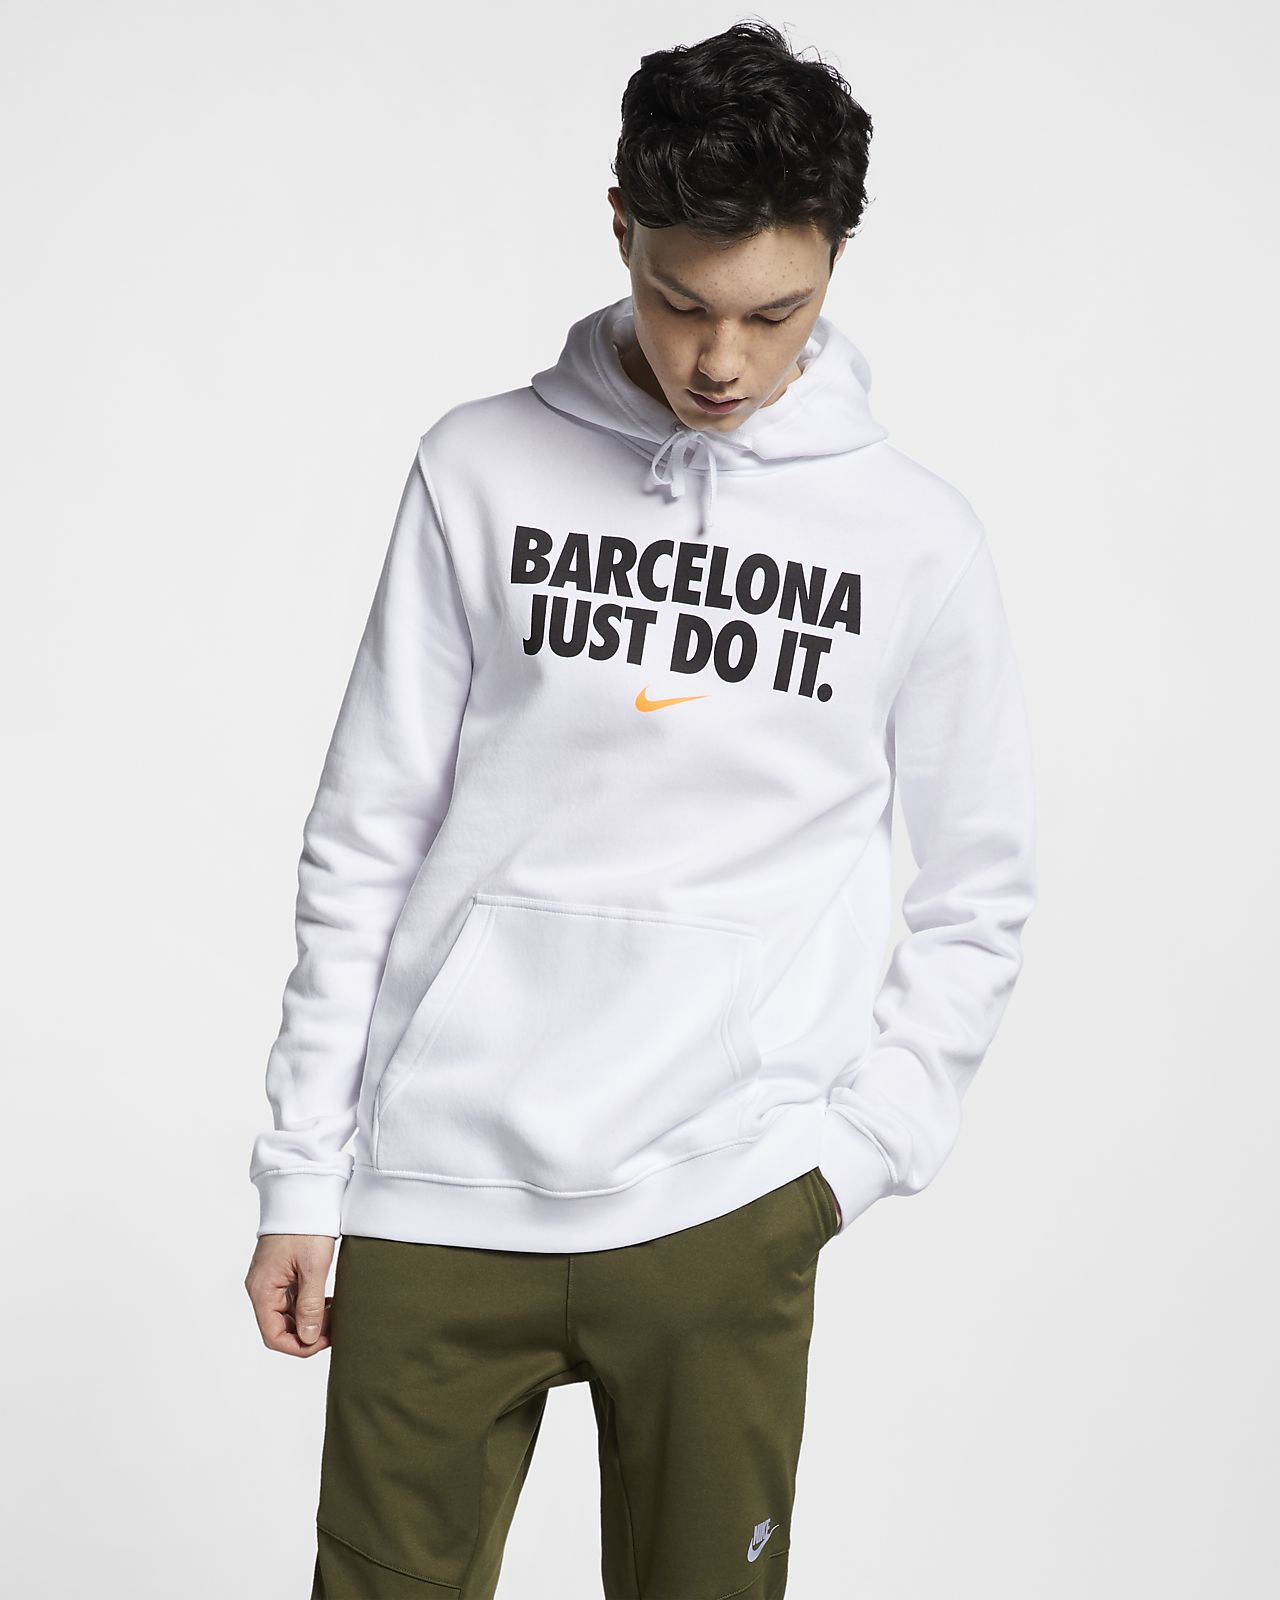 af1371d8522f7 Felpa pullover con cappuccio Nike Sportswear Club Fleece - Uomo ...